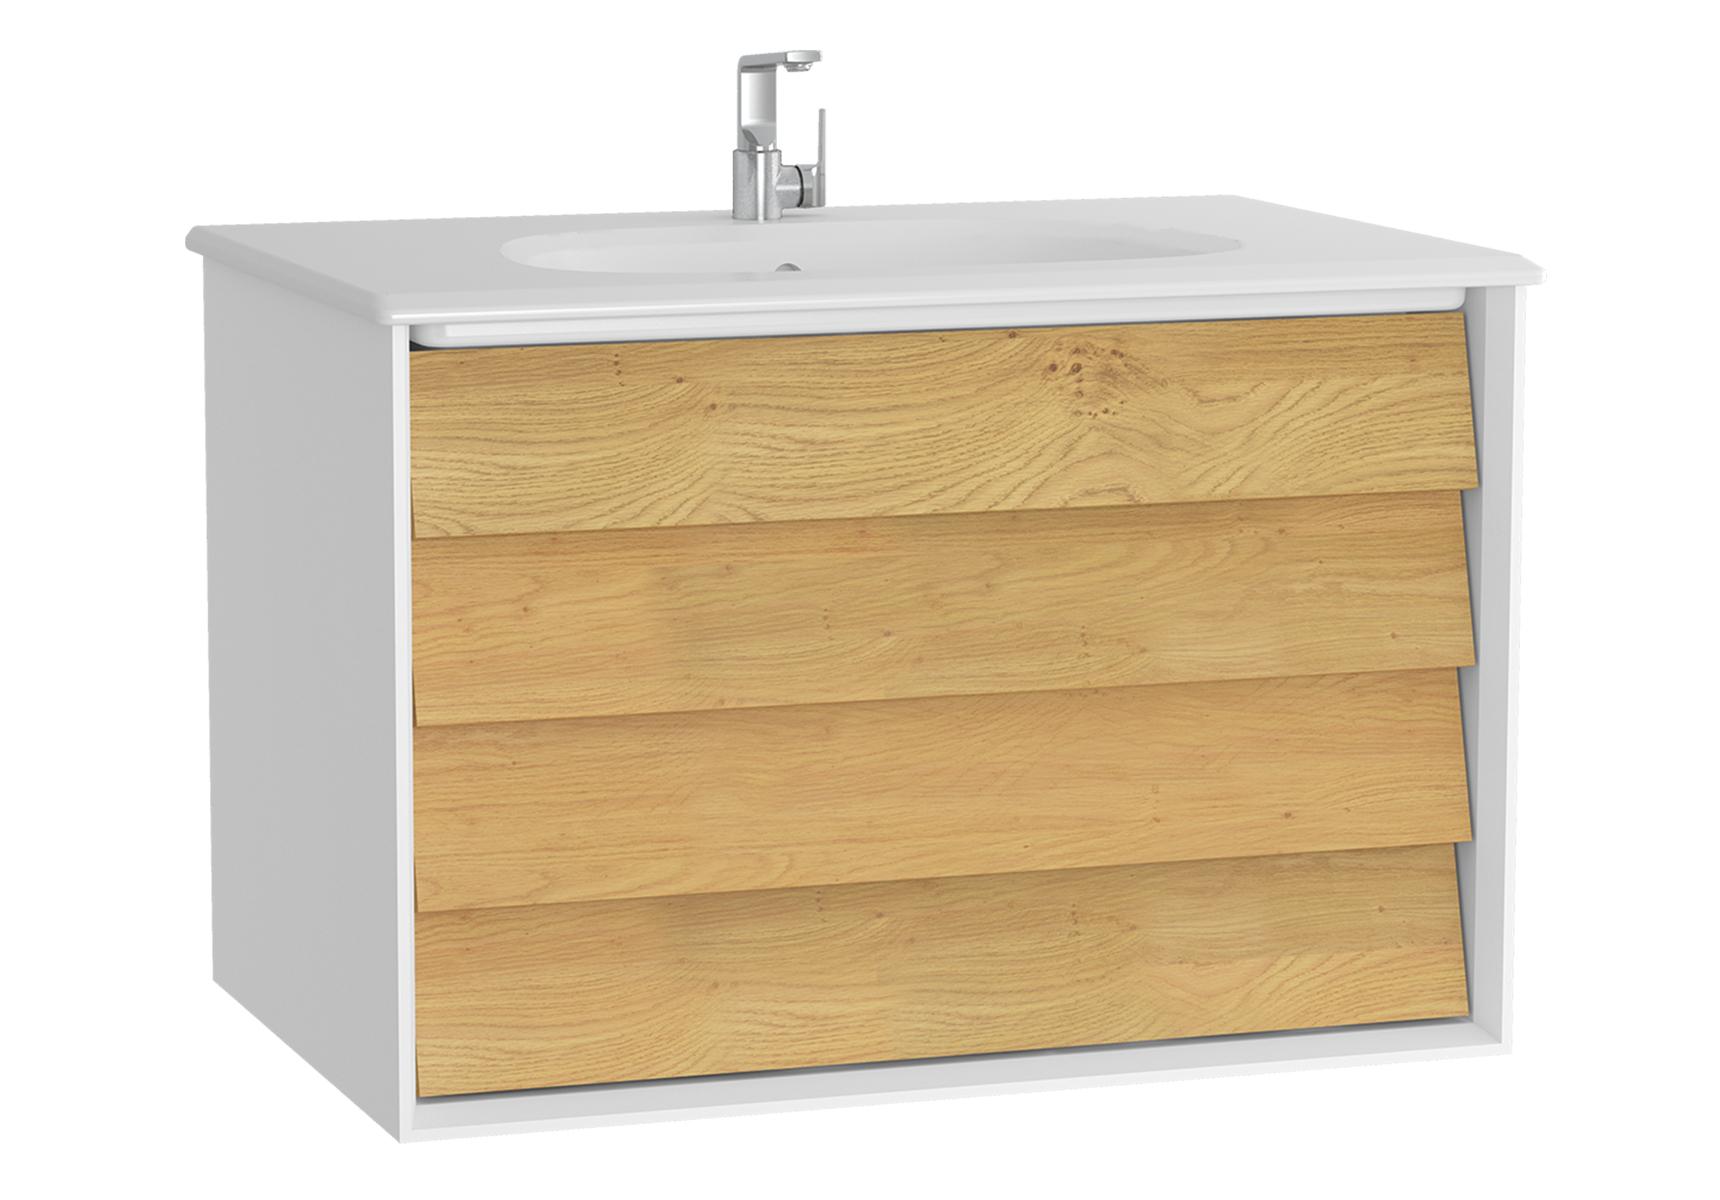 Frame meuble avec plan céramique, 82,5 cm, chêne doré, mat blanc, avec blanc plan céramique